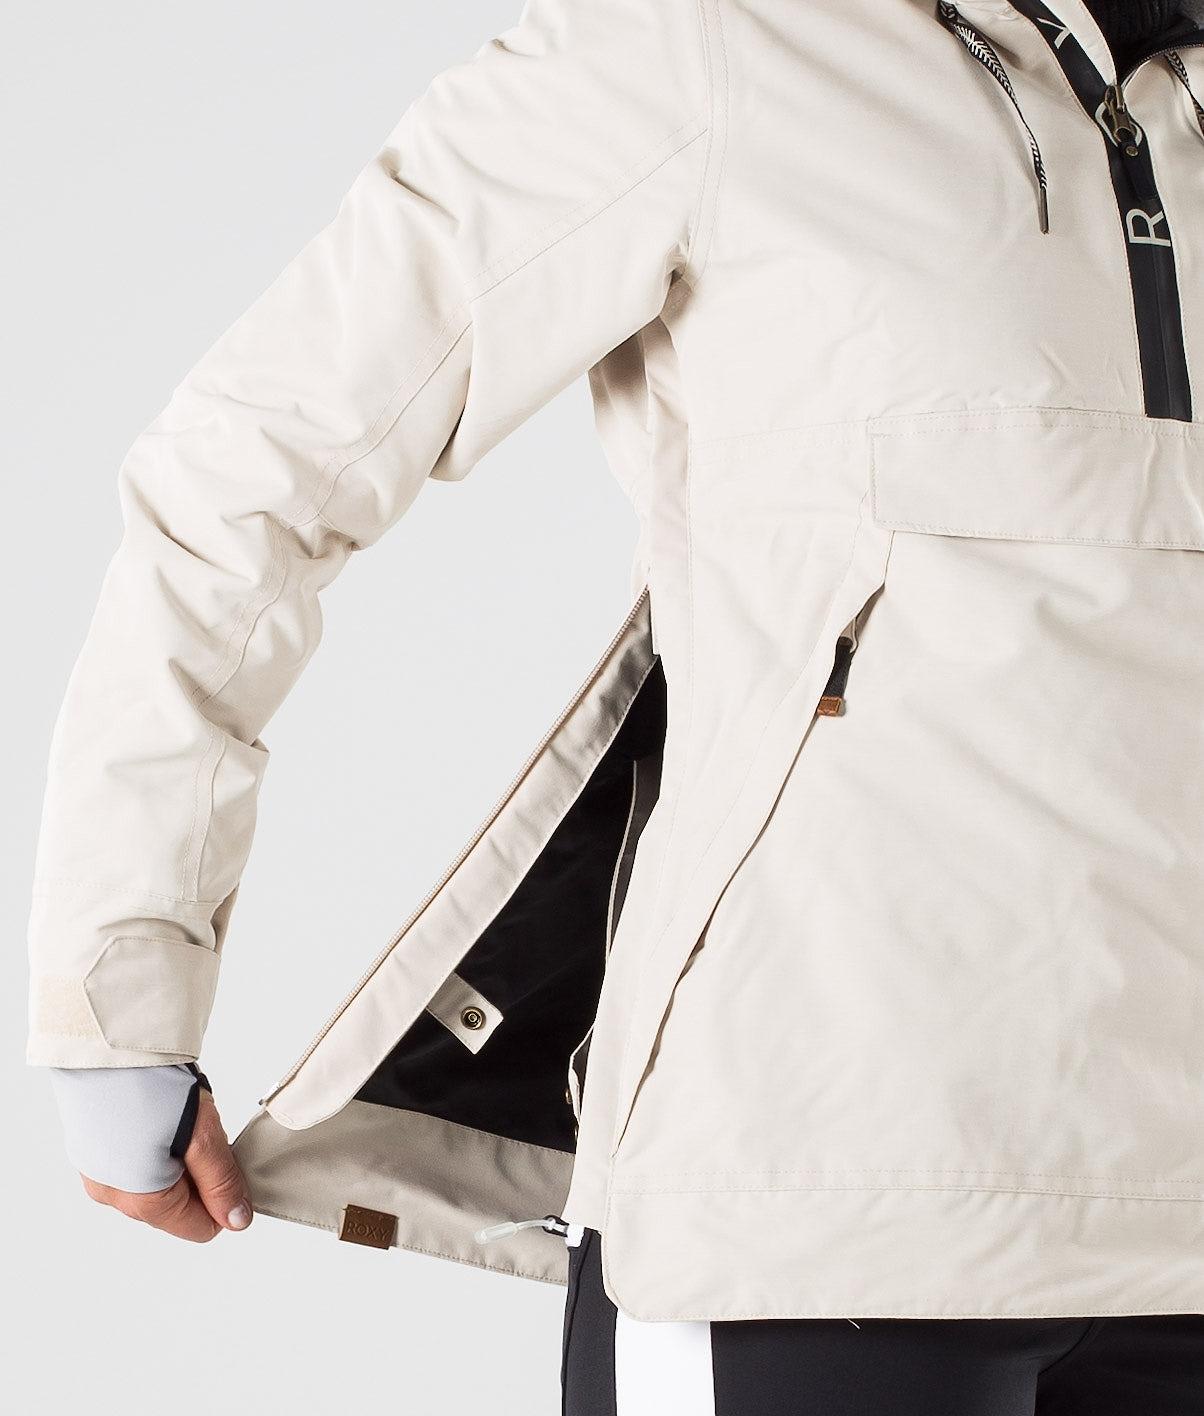 Kjøp Shelter Skijakke fra Roxy på Ridestore.no - Hos oss har du alltid fri frakt, fri retur og 30 dagers åpent kjøp!